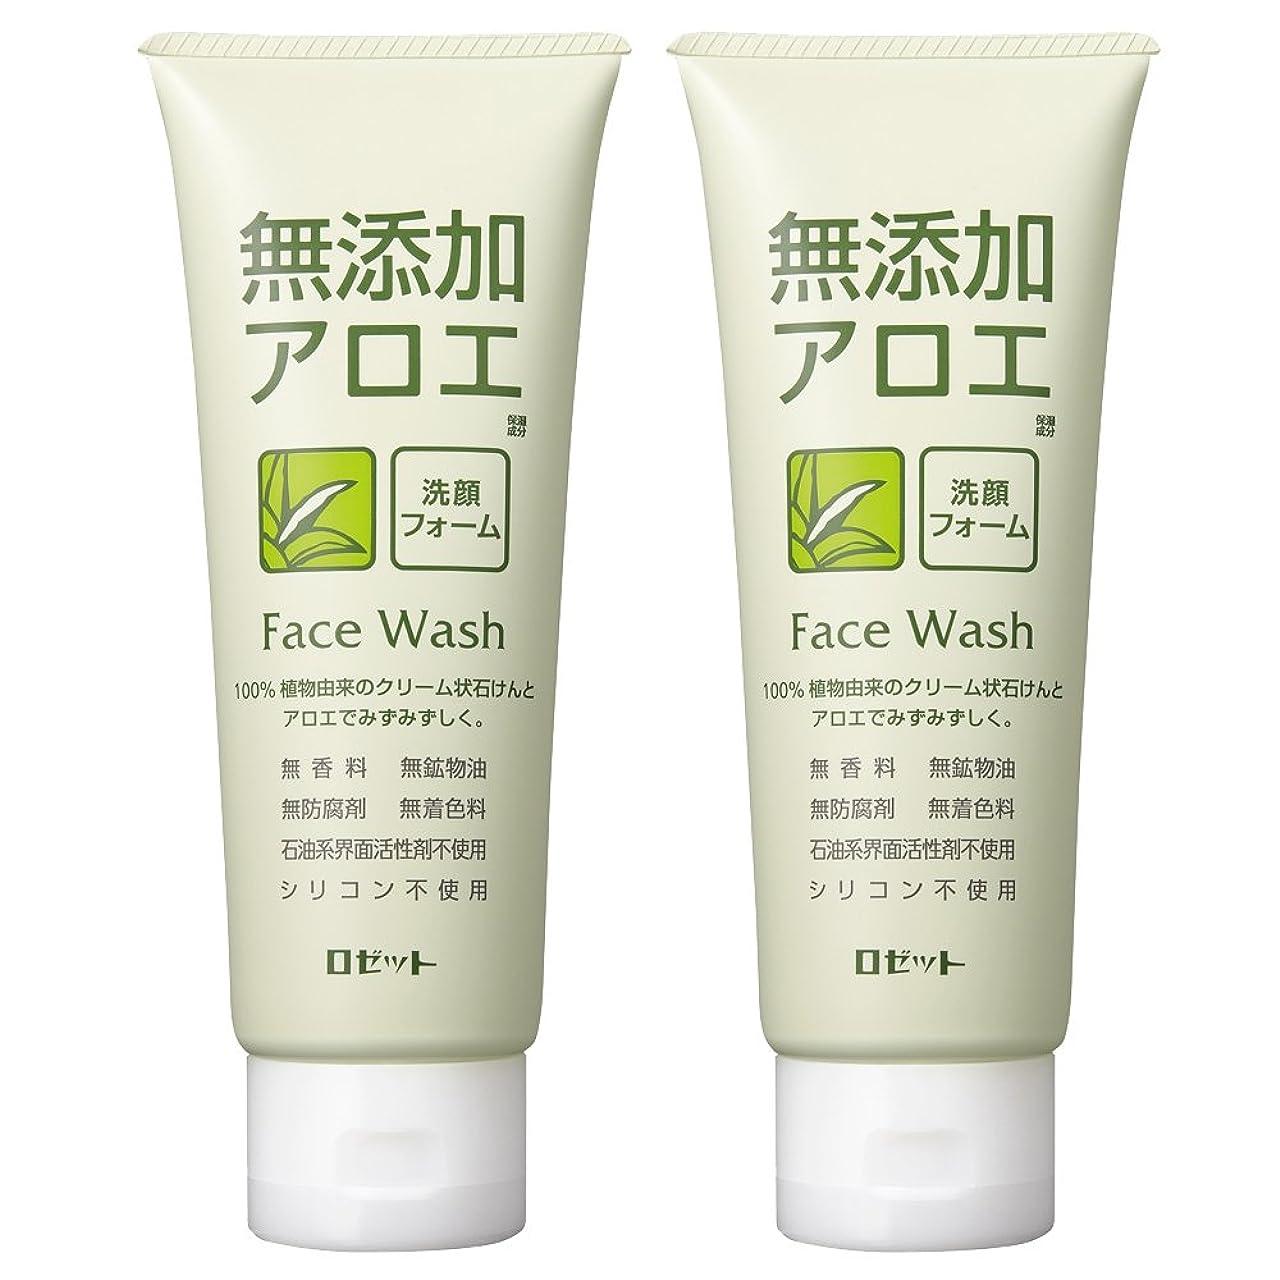 むしろ高める他の場所ロゼット 無添加アロエ 洗顔フォーム 140g×2個パック AZ